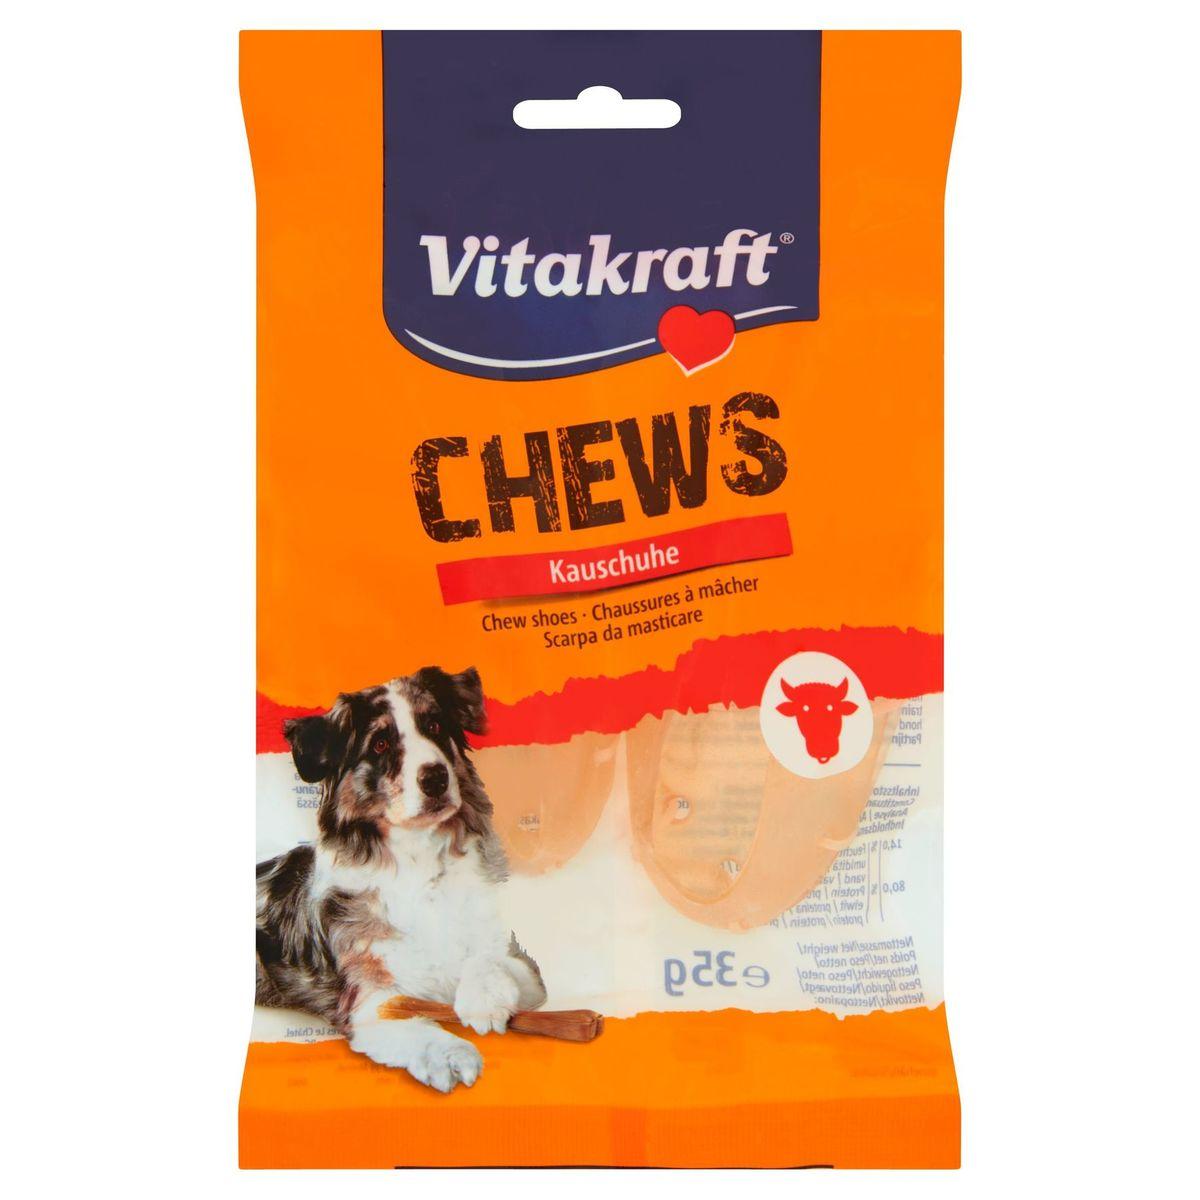 Vitakraft Chews Chew Shoes 2 Stuks 35 g